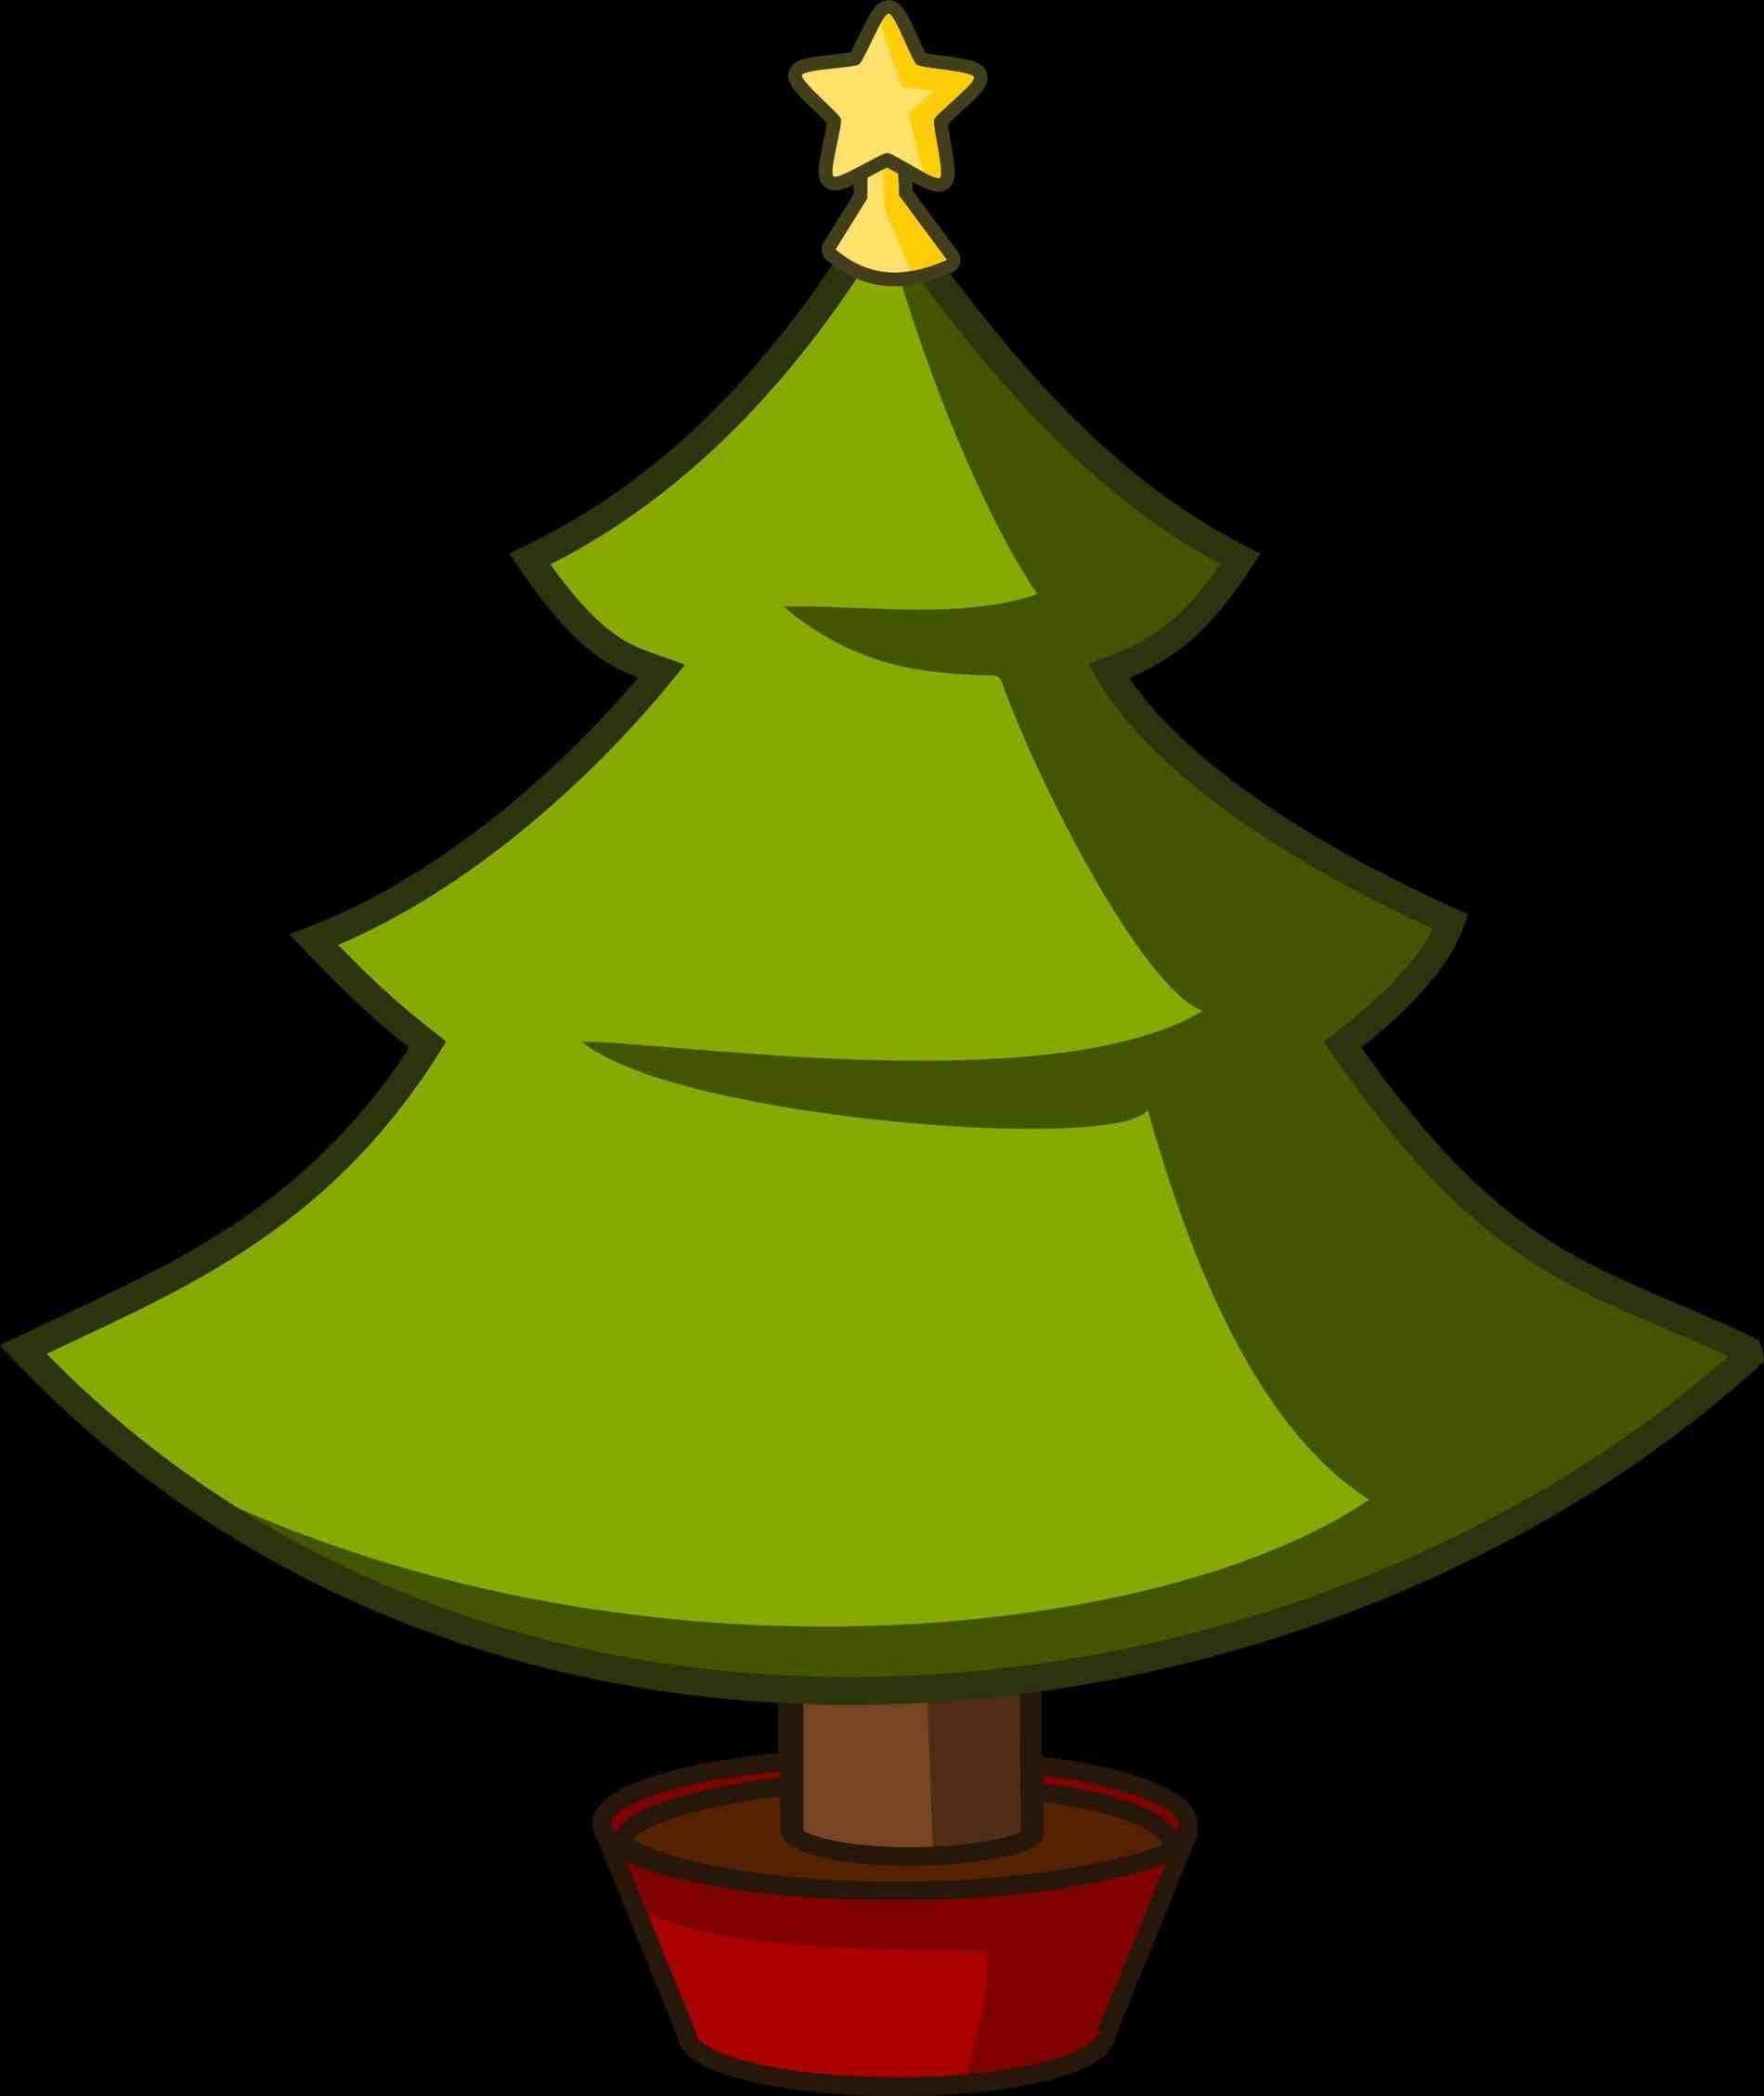 Xmast Site Cartoon Christmas Tree Christmas Tree Images Simple Christmas Tree